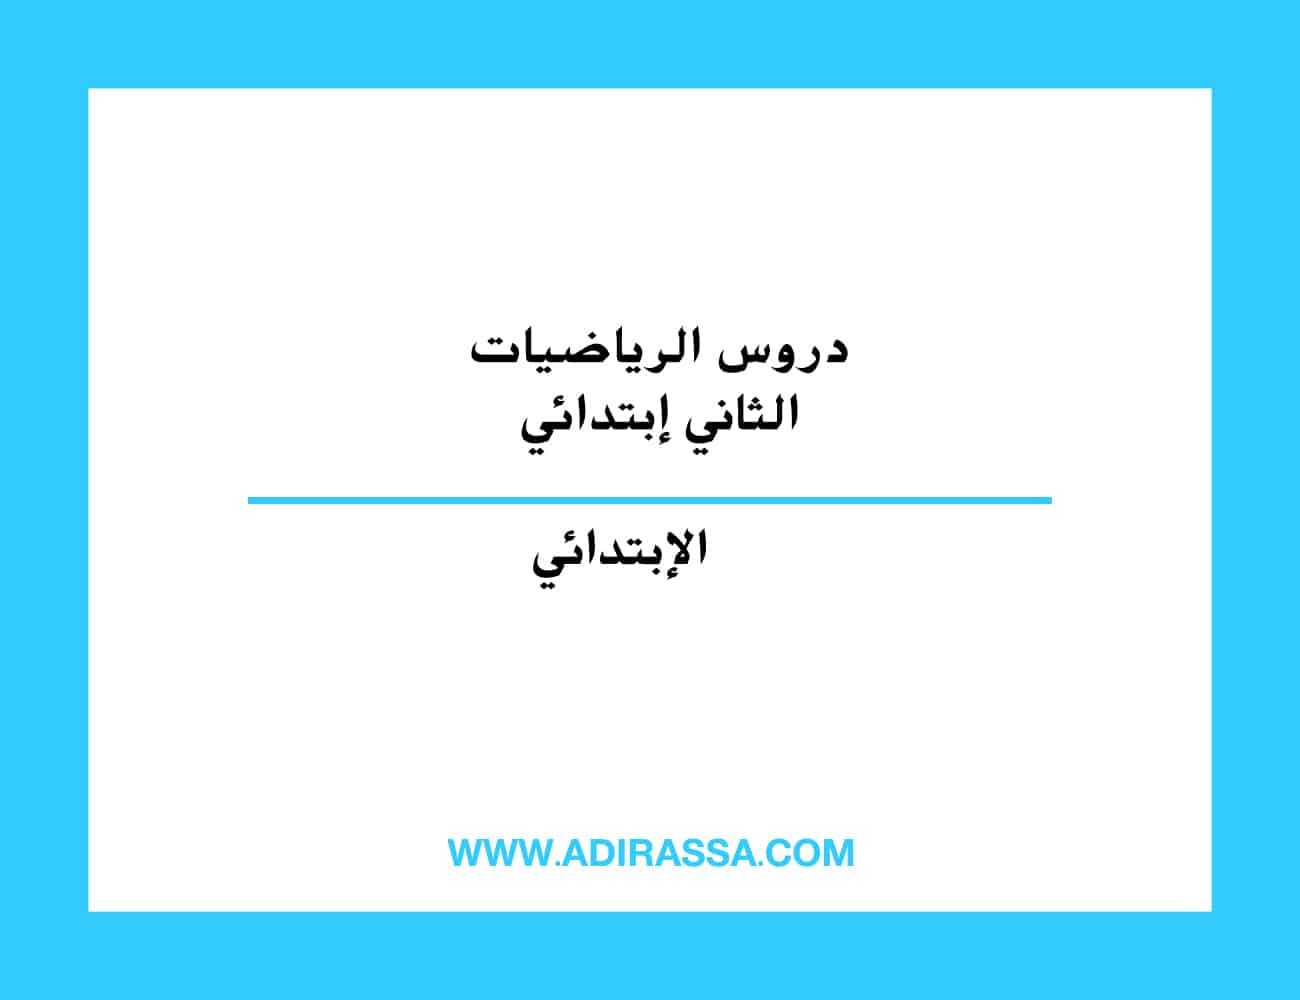 دروس الرياضيات الثاني ابتدائي المقررة بالمدرسة المغربية